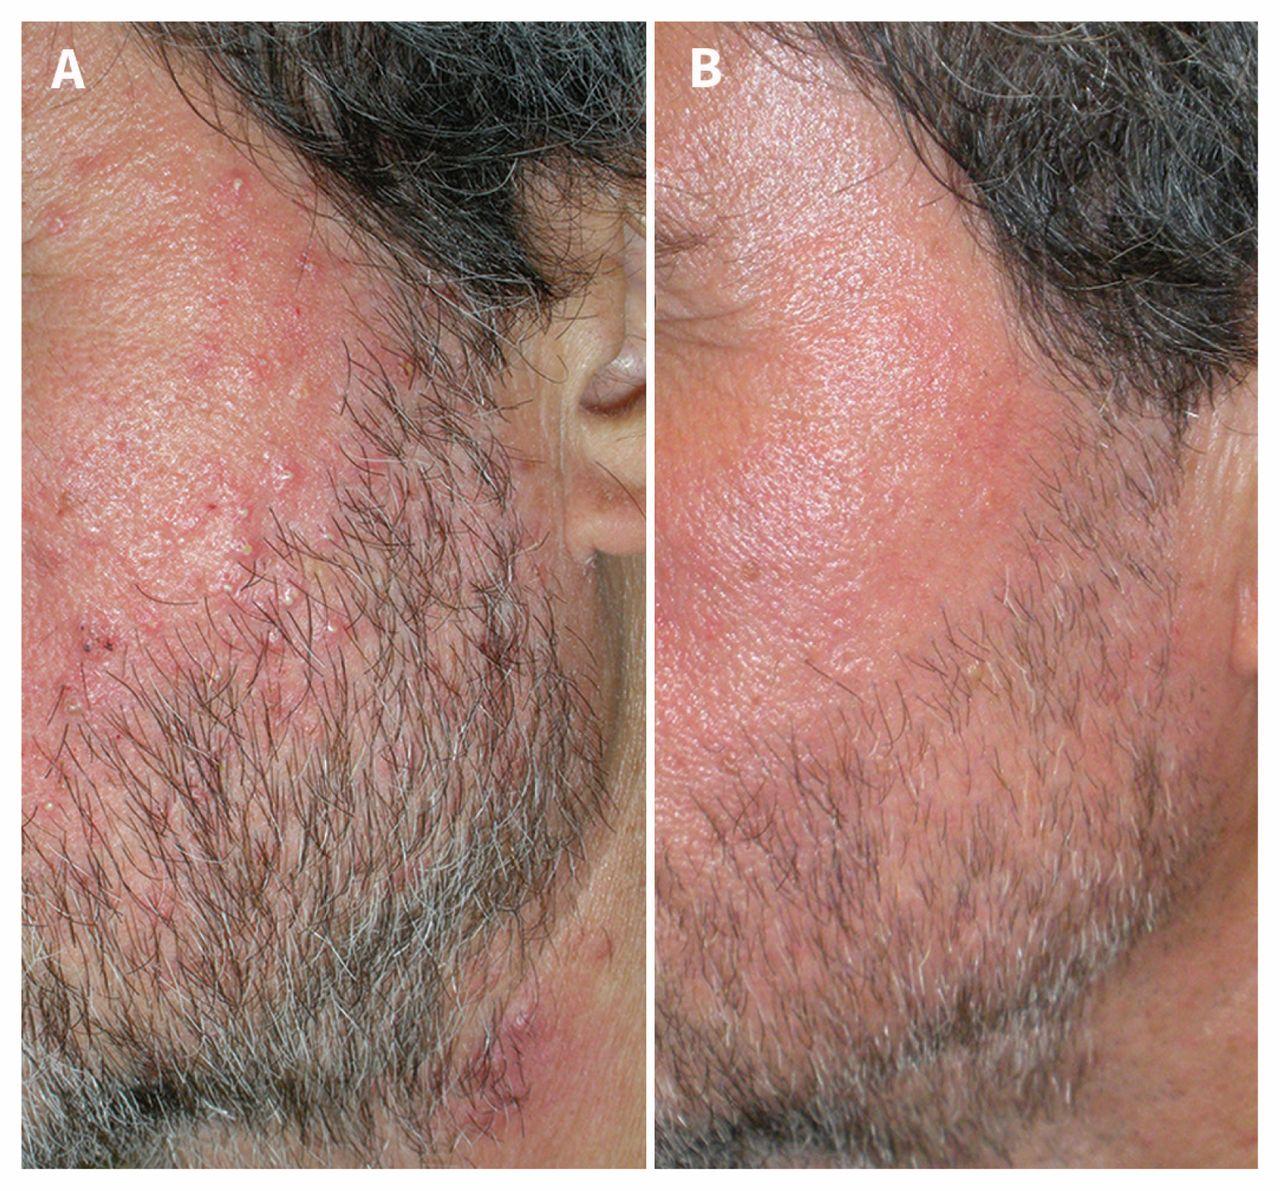 (A) Arcpír, számos papula és gennyhólyag egy 66 éves férfi arcán és homlokán. (B) Jelentős javulás az orális ivermectinnel történő kezelés után.